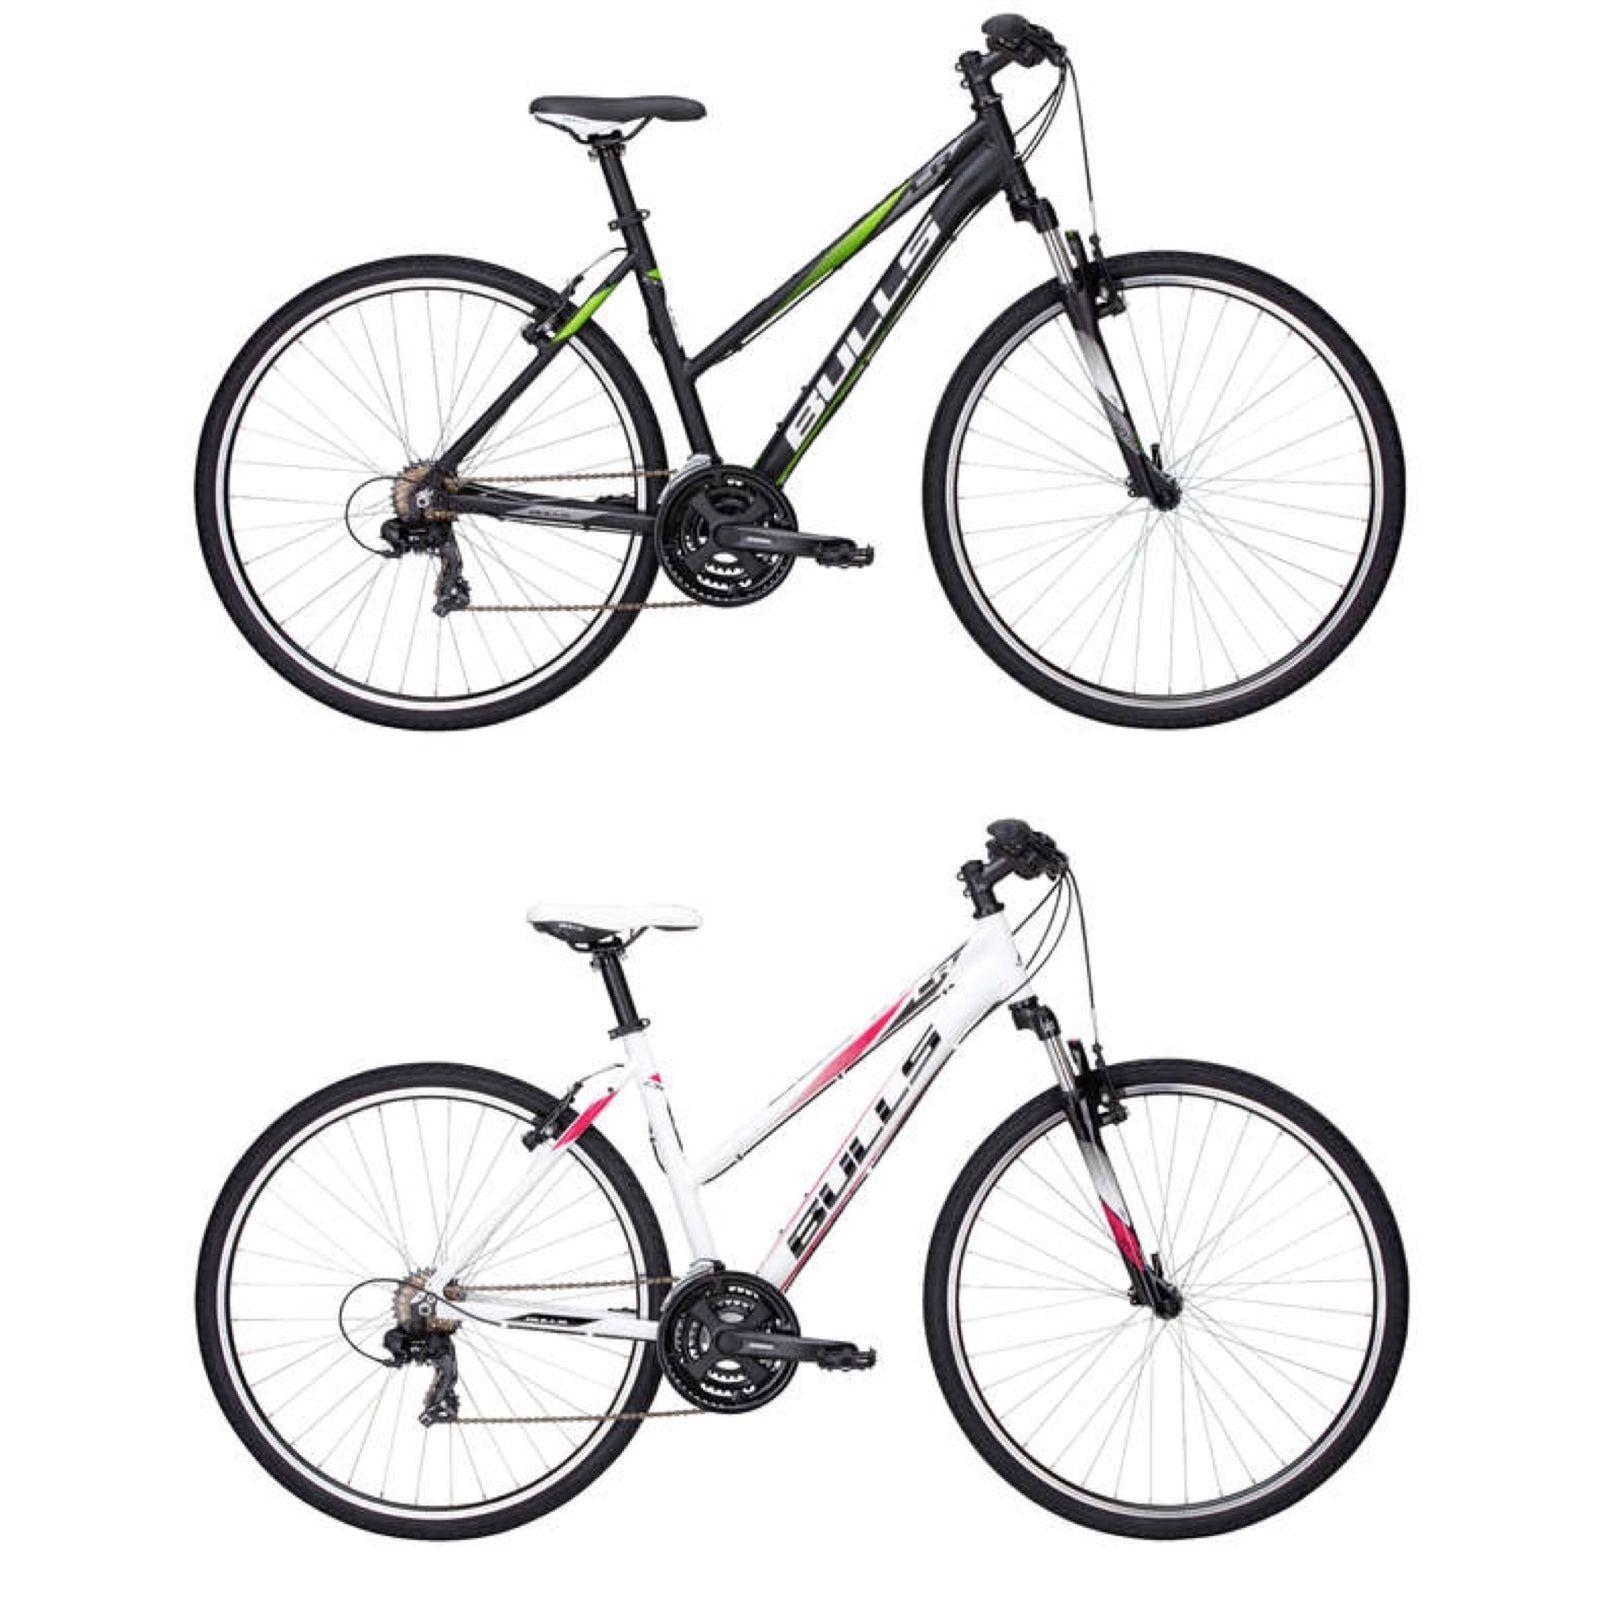 Details Zu Bulls Pulsar Cross Damen 28 Zoll 44cm 48cm Crossbike Modell 2017 Crossbike Fahrrad Damen Damen